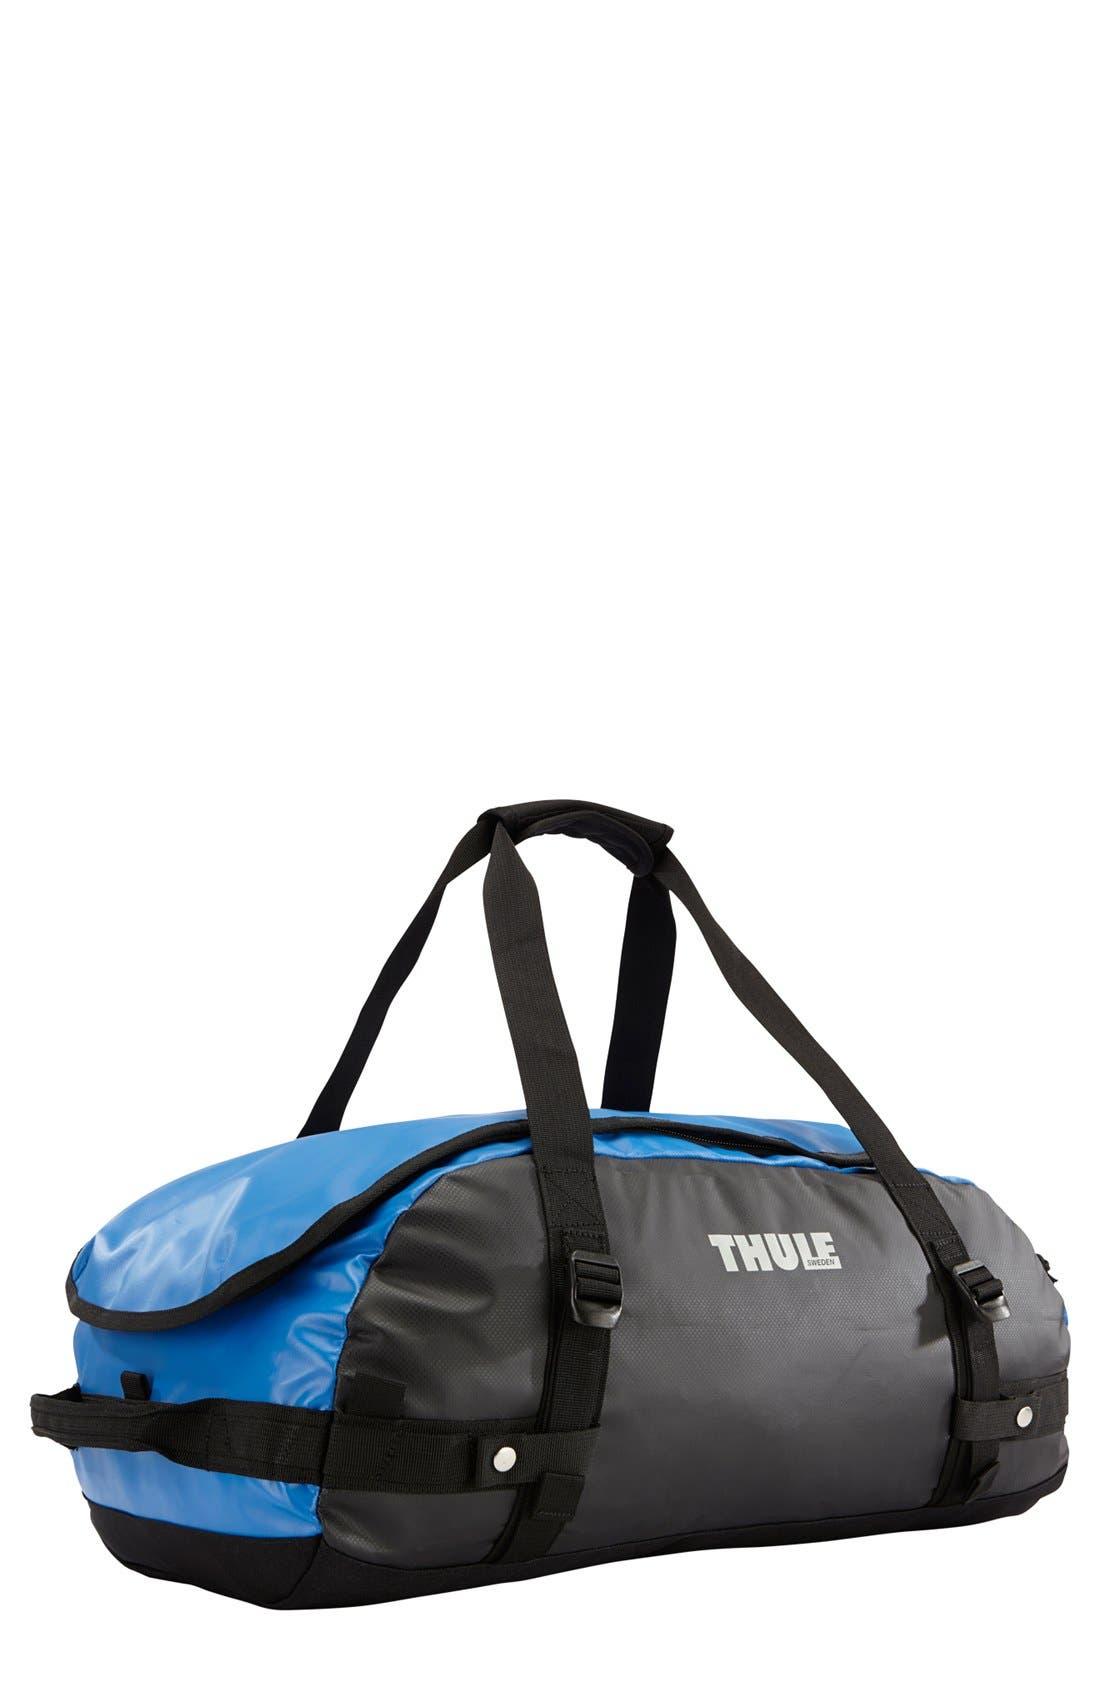 Main Image - Thule Small Duffel Bag (40L Capacity)